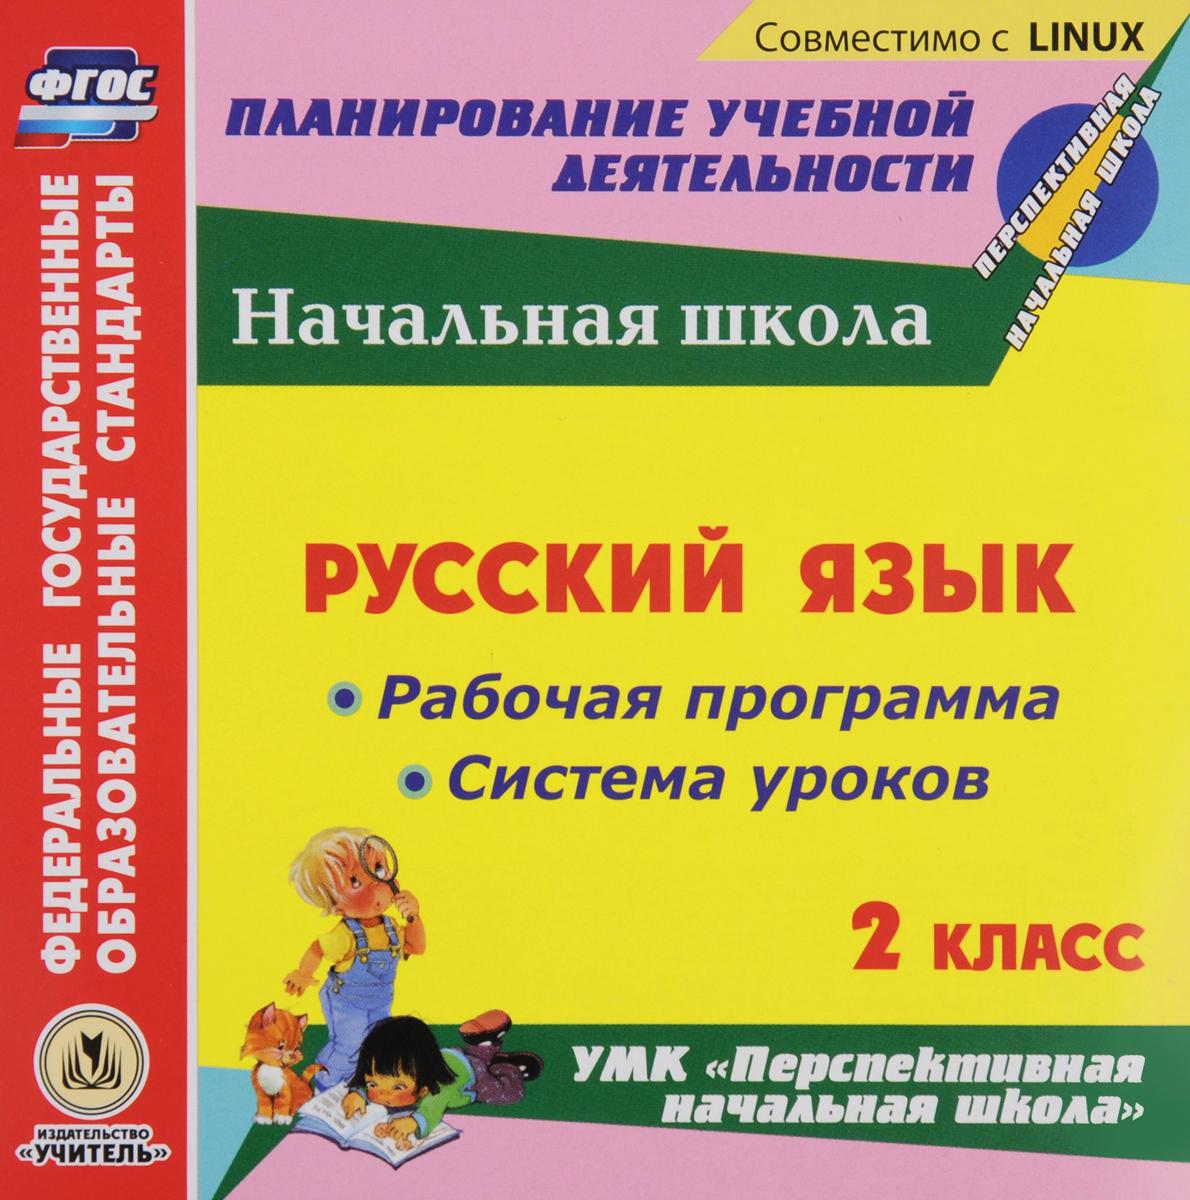 Русский язык. 2 класс. Рабочая программа и система уроков по УМК